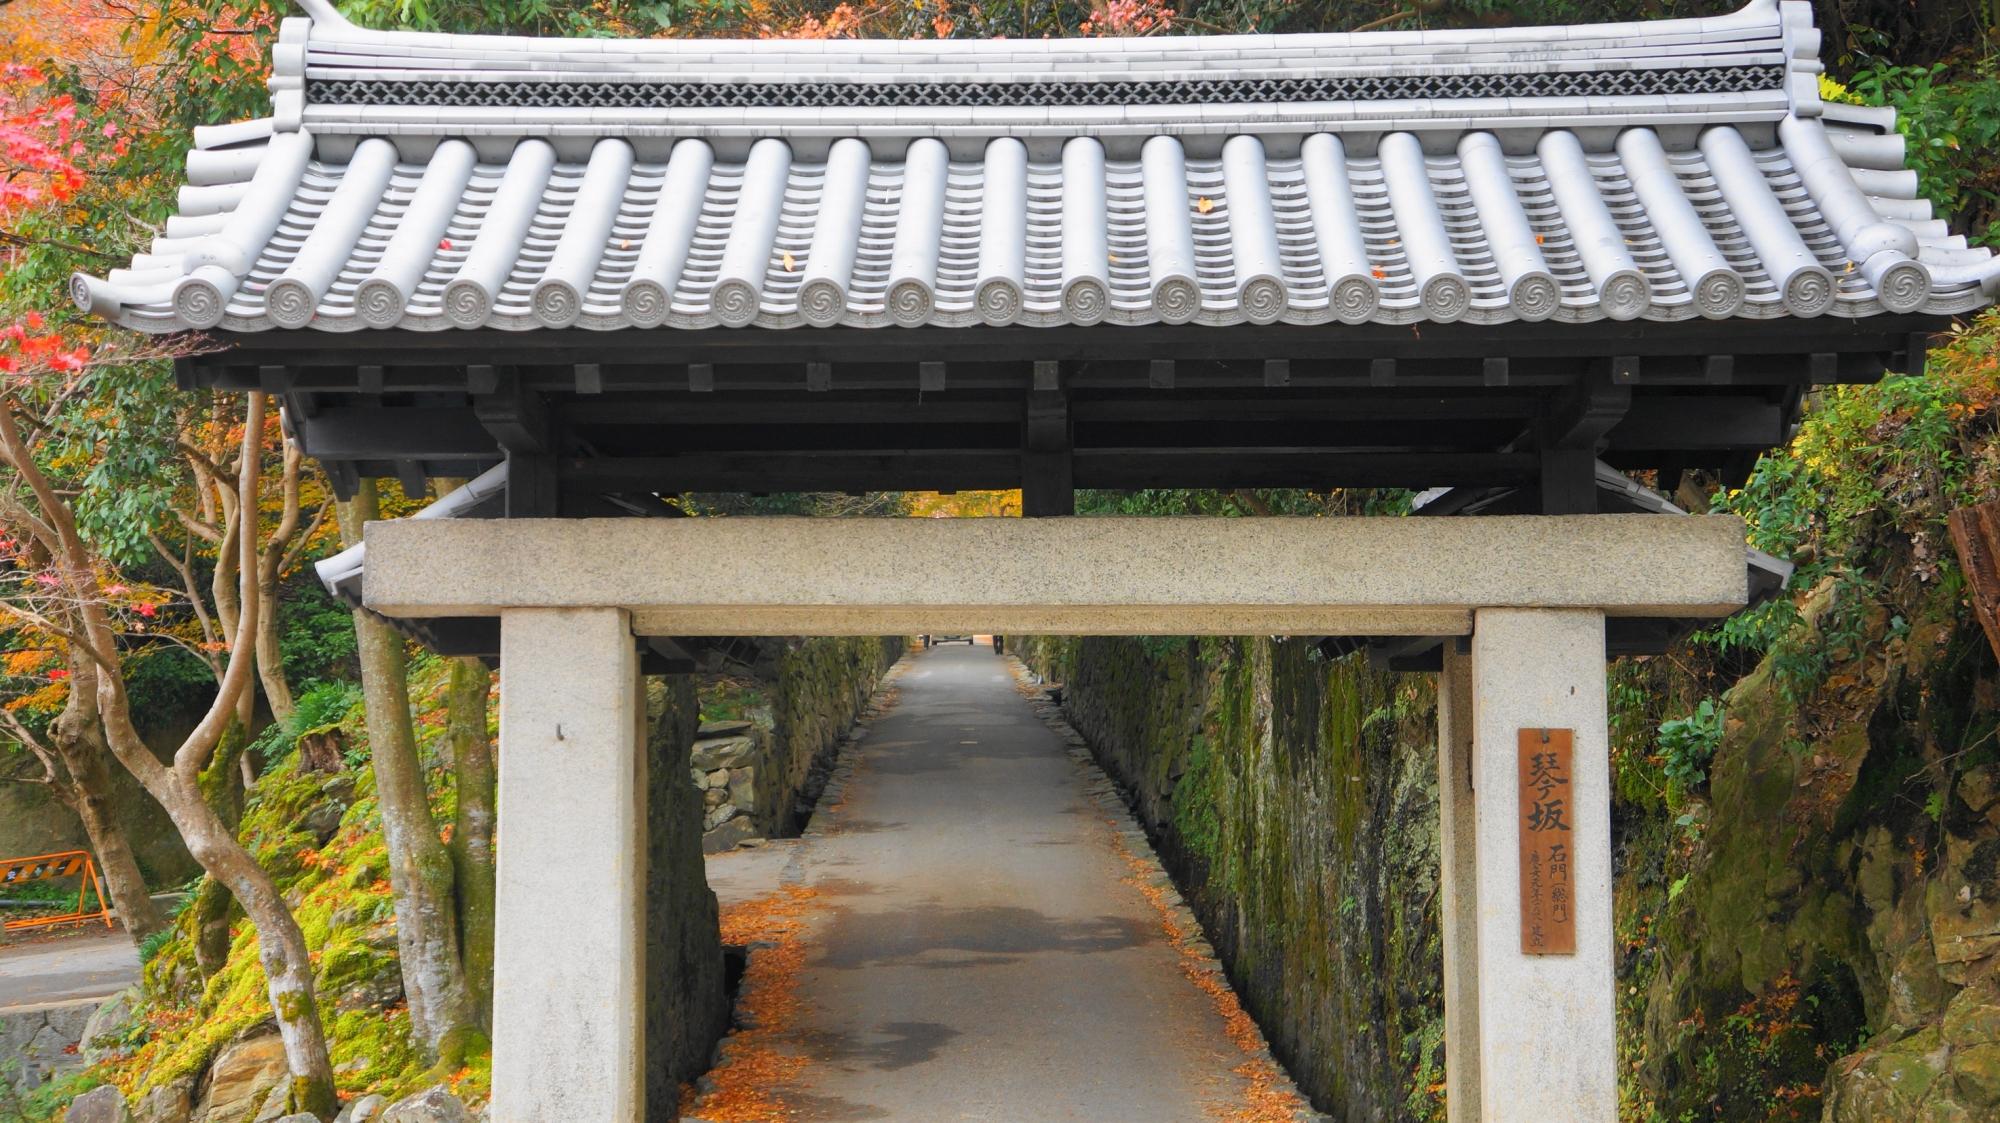 興聖寺の参道である長く緩やかな坂道である琴坂